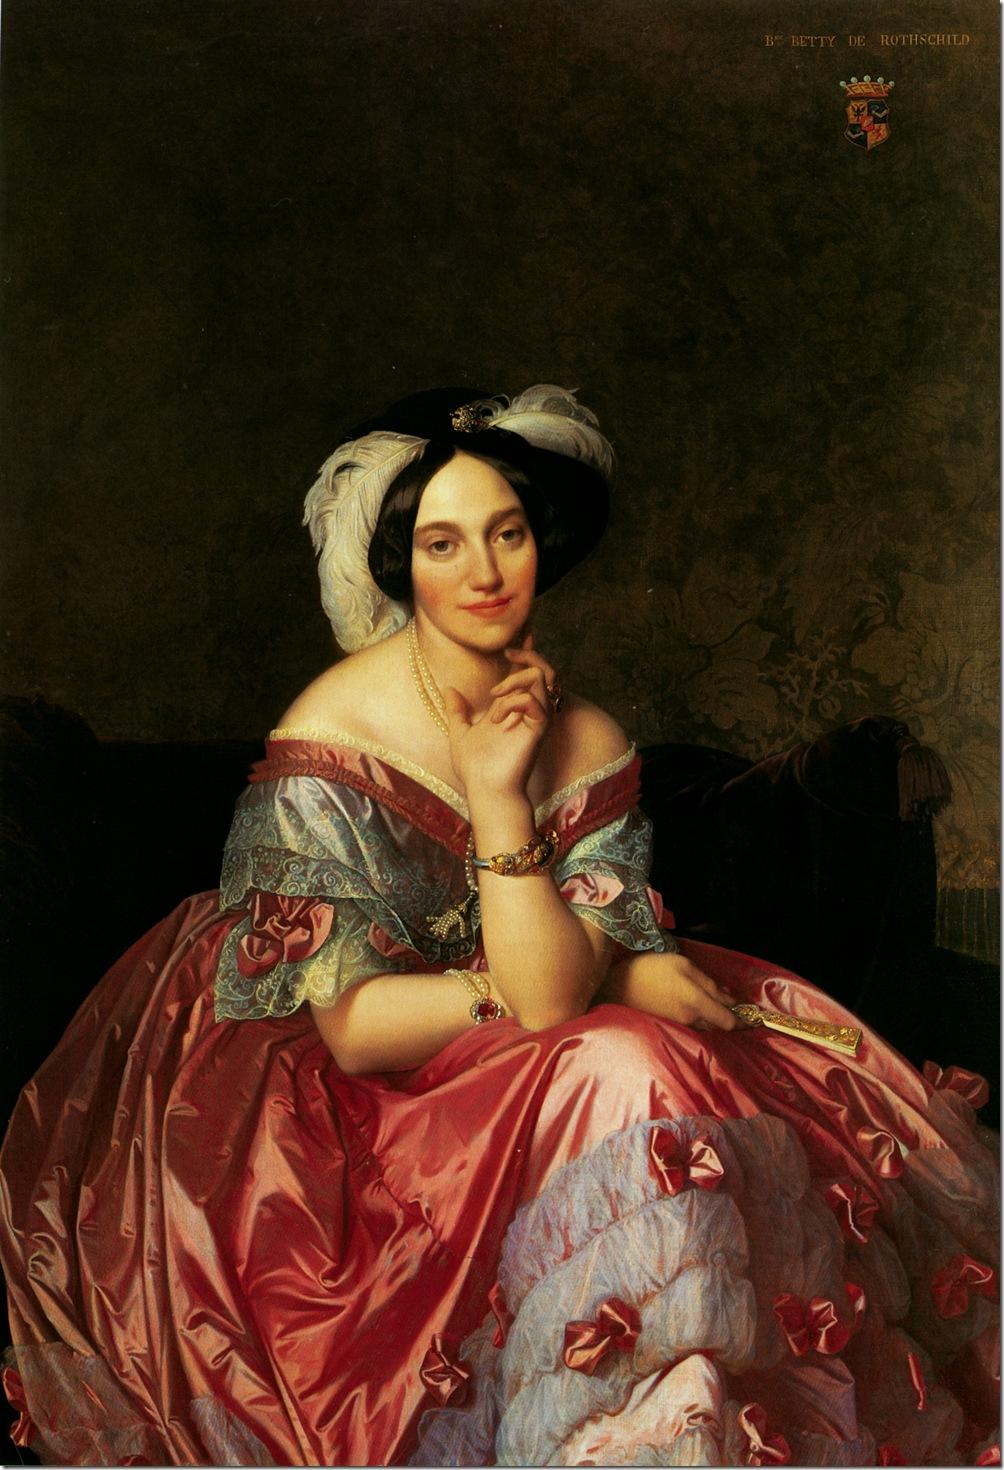 baronne_james_de_rothschild,_nee_betty_von_rothschild 1848,Жан Огюст Доминик Энгр – Jean Auguste Dominique Ingres,sahallin